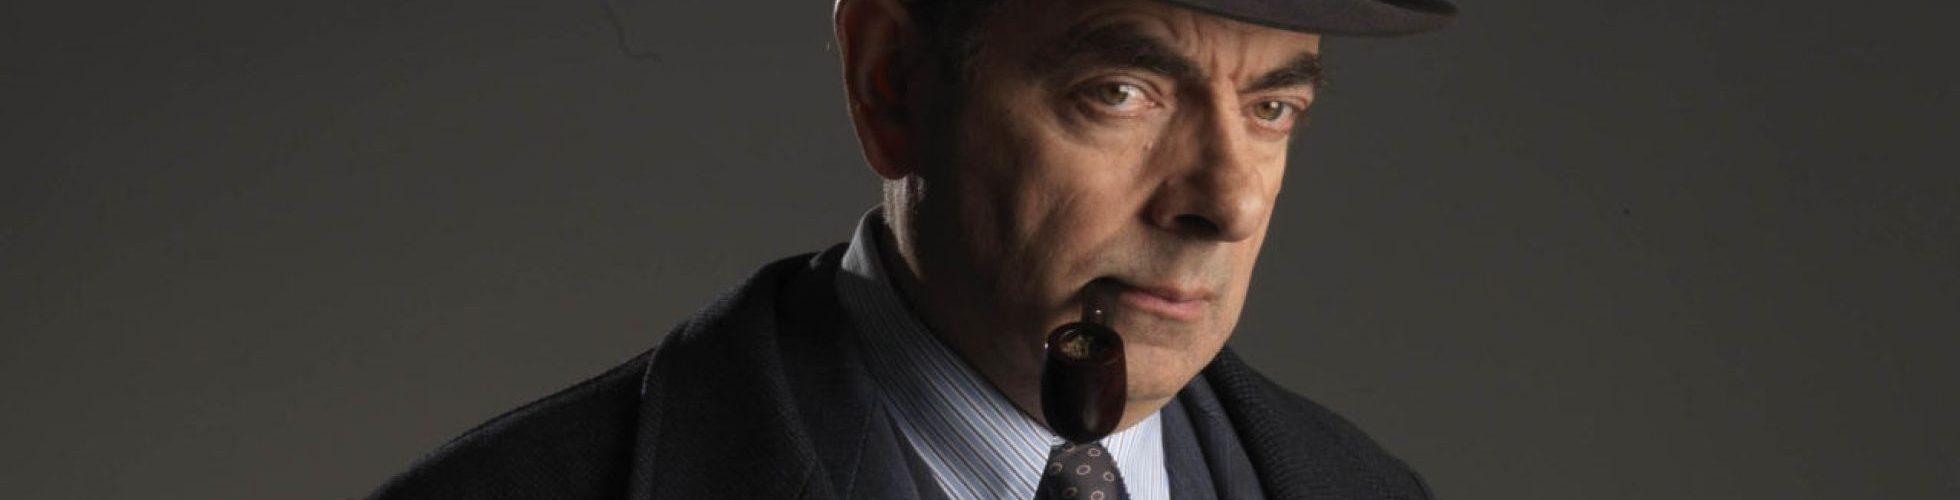 Atkinson Maigret